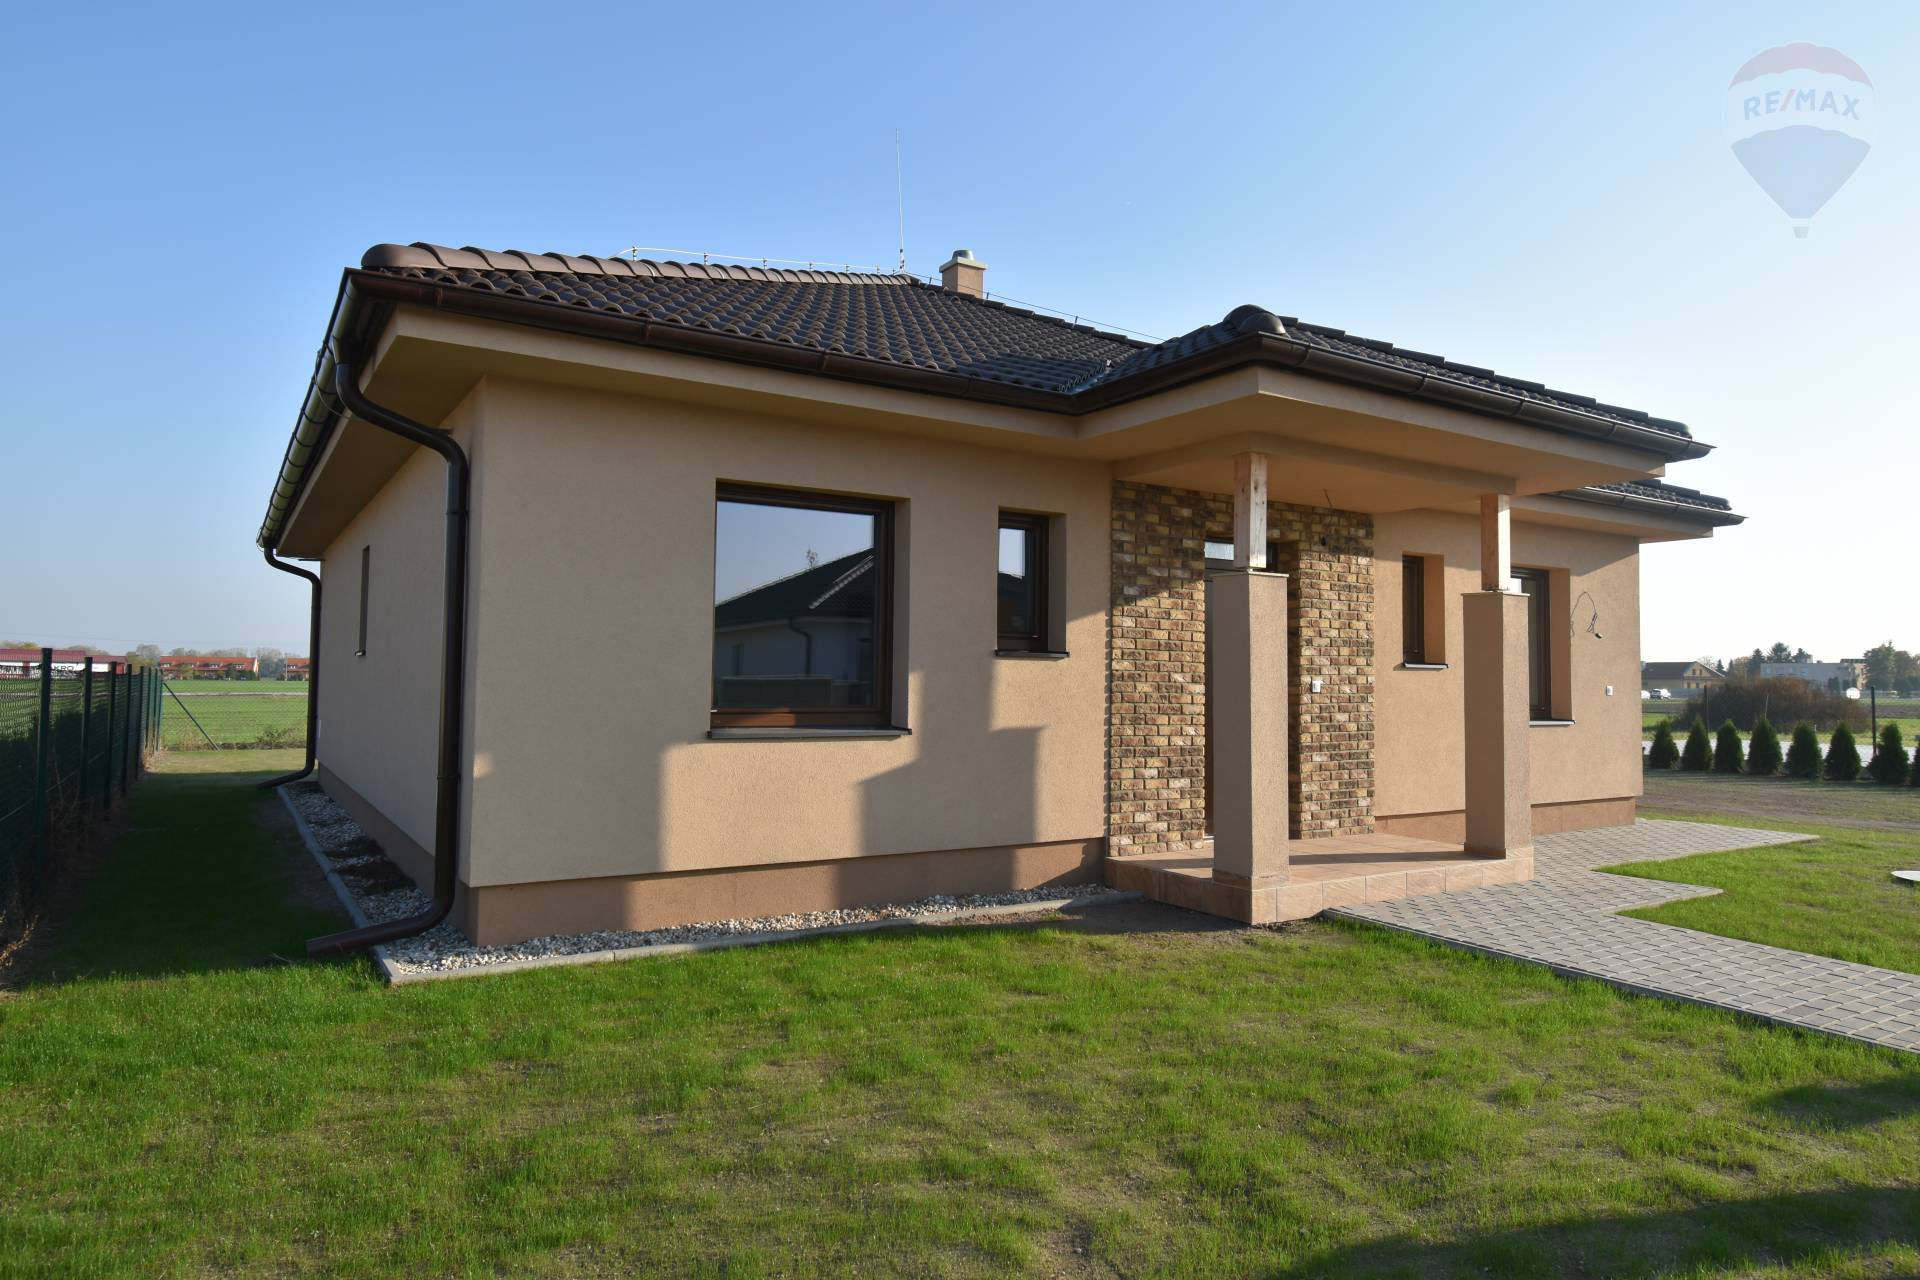 Predaj: SKOLAUDOVANÝ rodinný dom, Kútníky, 4 izby, novostavba, pozemok 667 m2, na kľúč